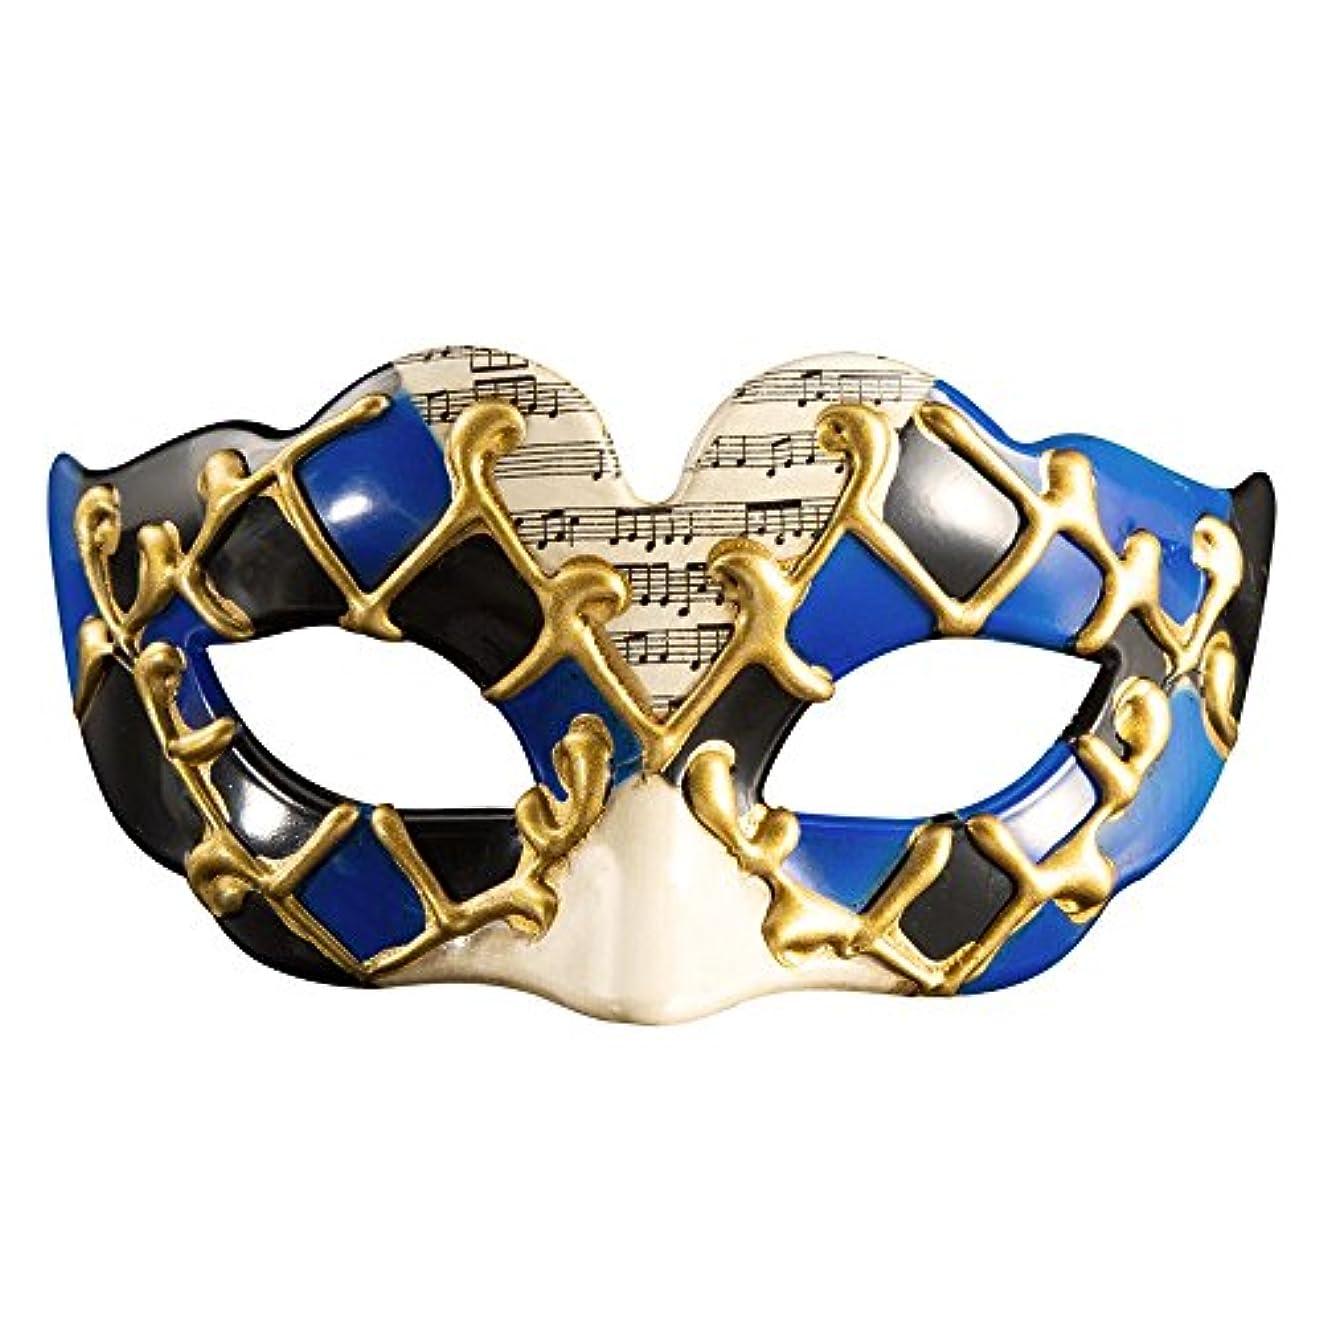 広告最大の有望クリエイティブキッズハーフフェイスハロウィンマスクパーティー新しいファンシードレスボールマスク (Color : #3)